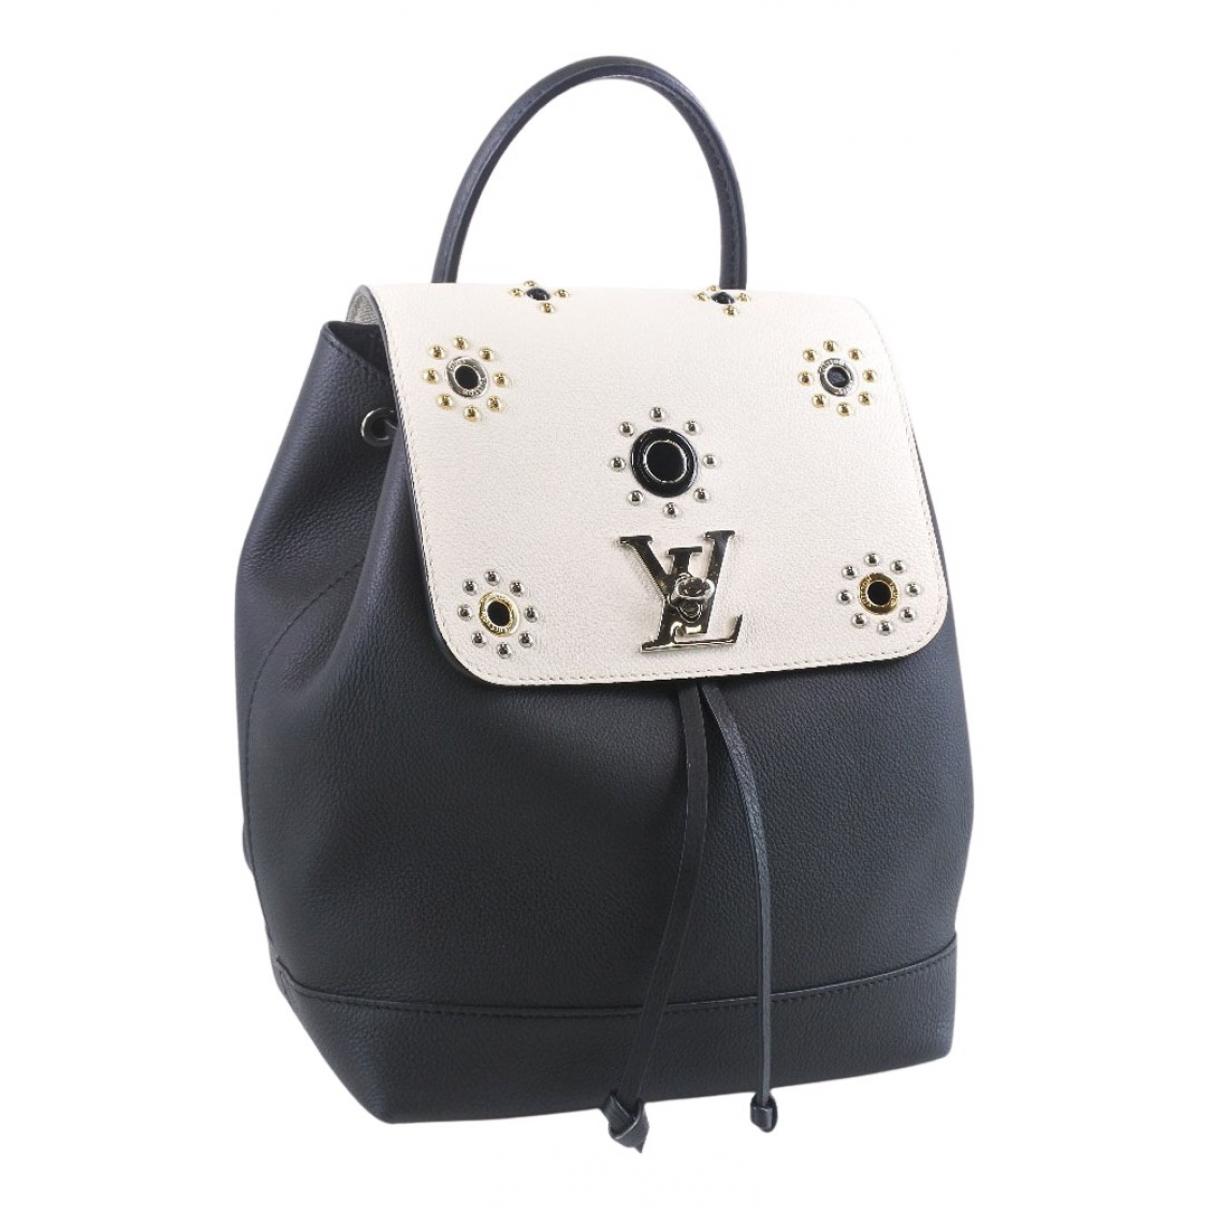 Louis Vuitton - Sac a dos Lockme pour femme en cuir - noir